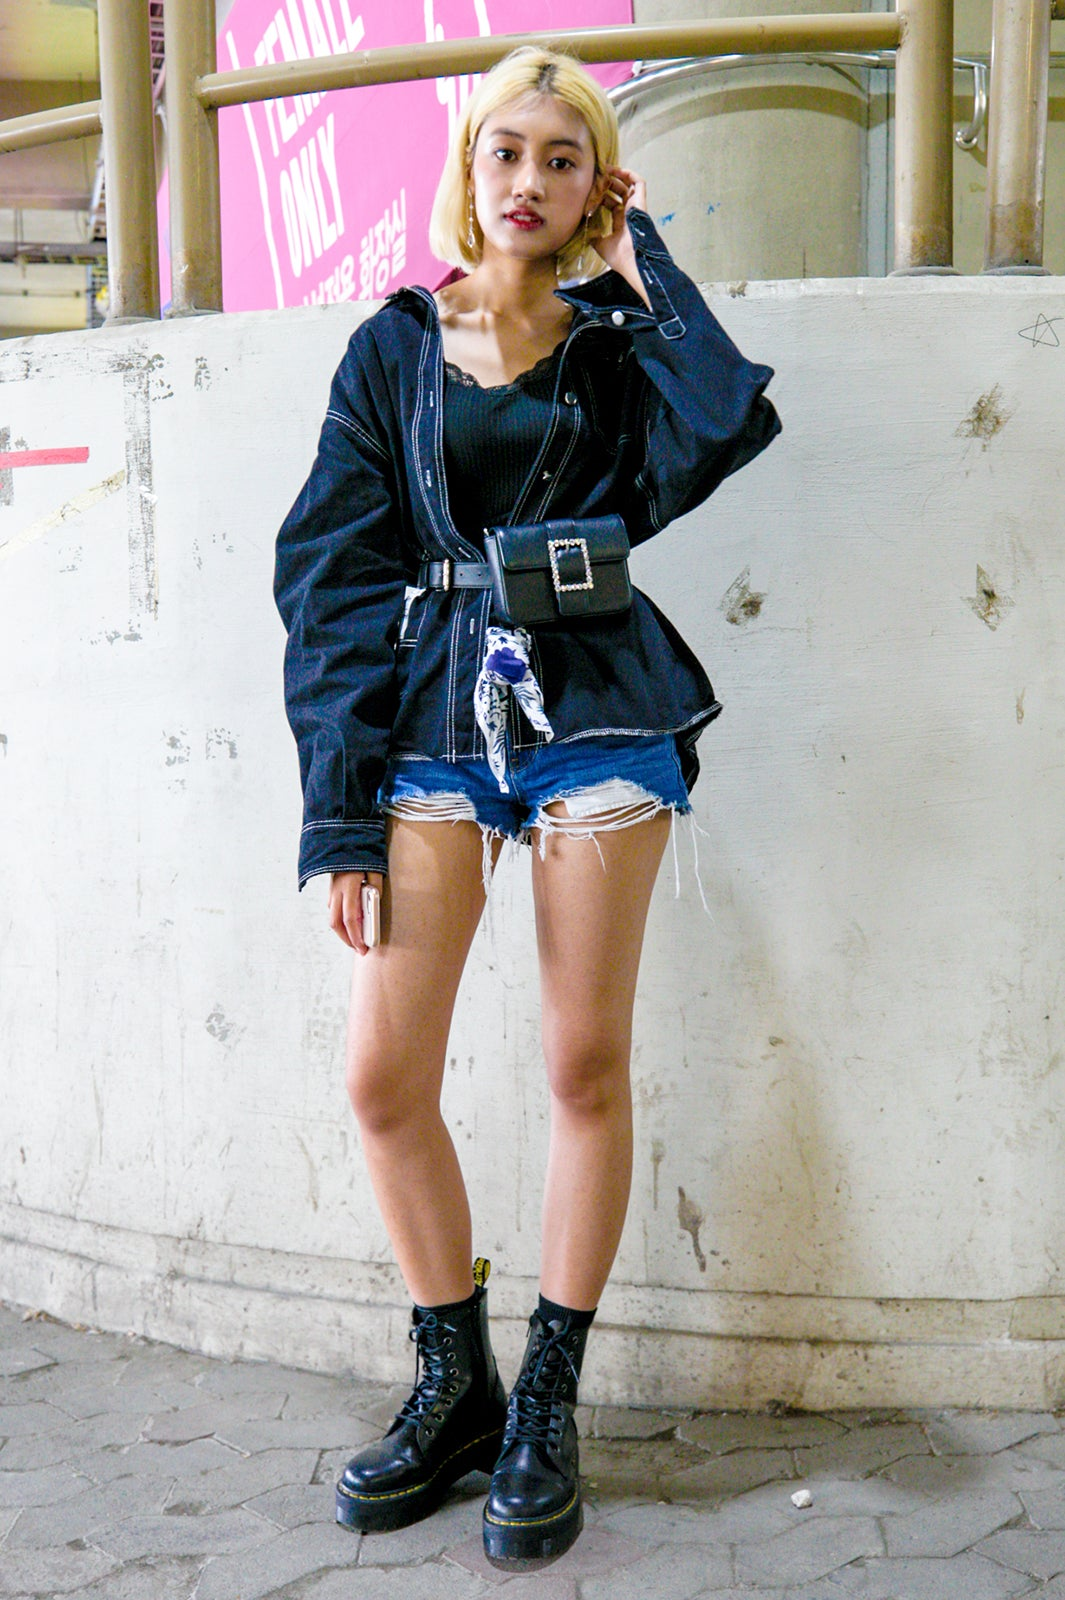 """83871069eee 今年の""""フェスファッション""""はどうする?「ULTRA KOREA」でトレンドチェック - モデルプレス"""